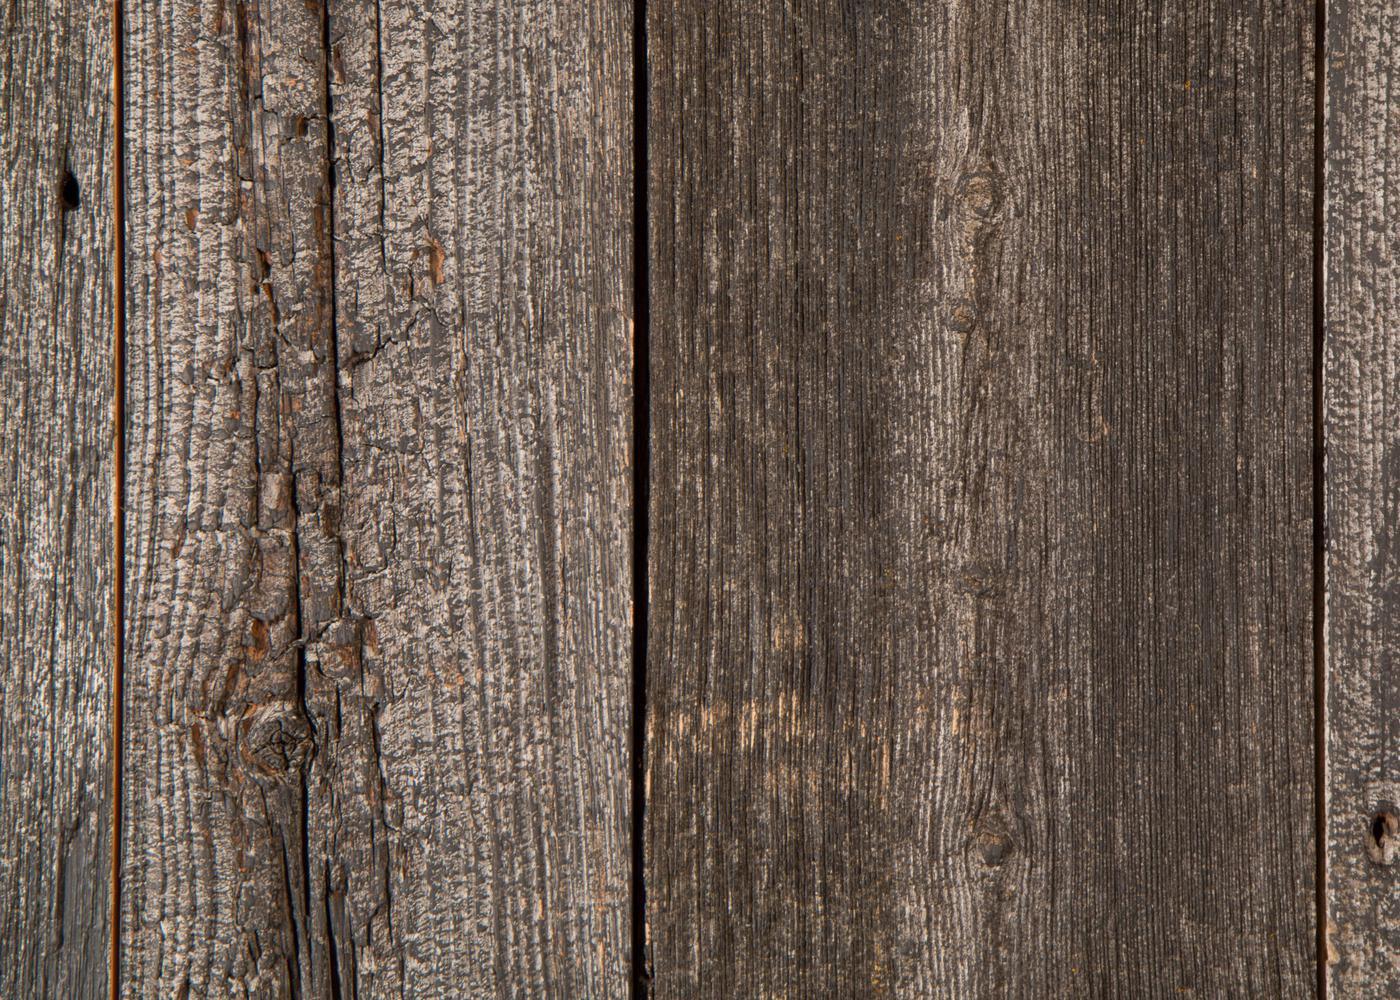 bardage bois us campagne vieilli peinture d 39 origine noir l ger chant ancien ou d lign la. Black Bedroom Furniture Sets. Home Design Ideas